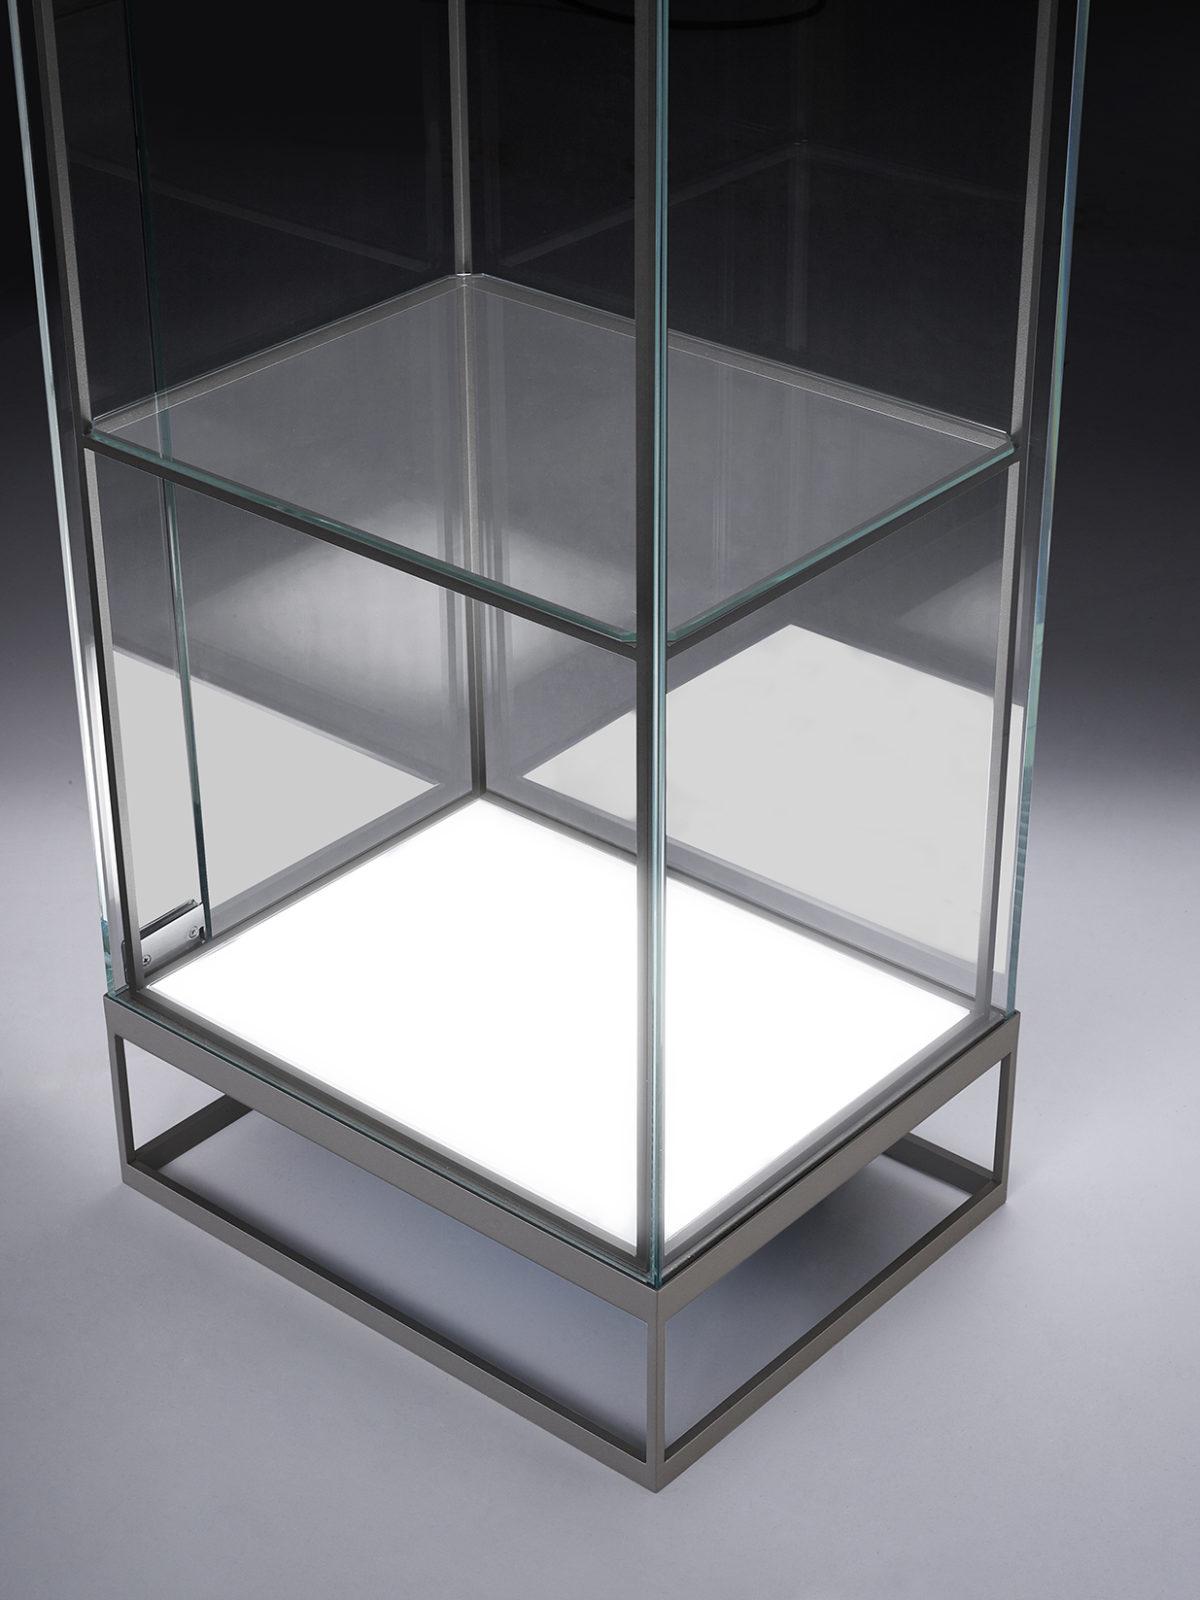 Display Cabinet Prima led lighted base detail